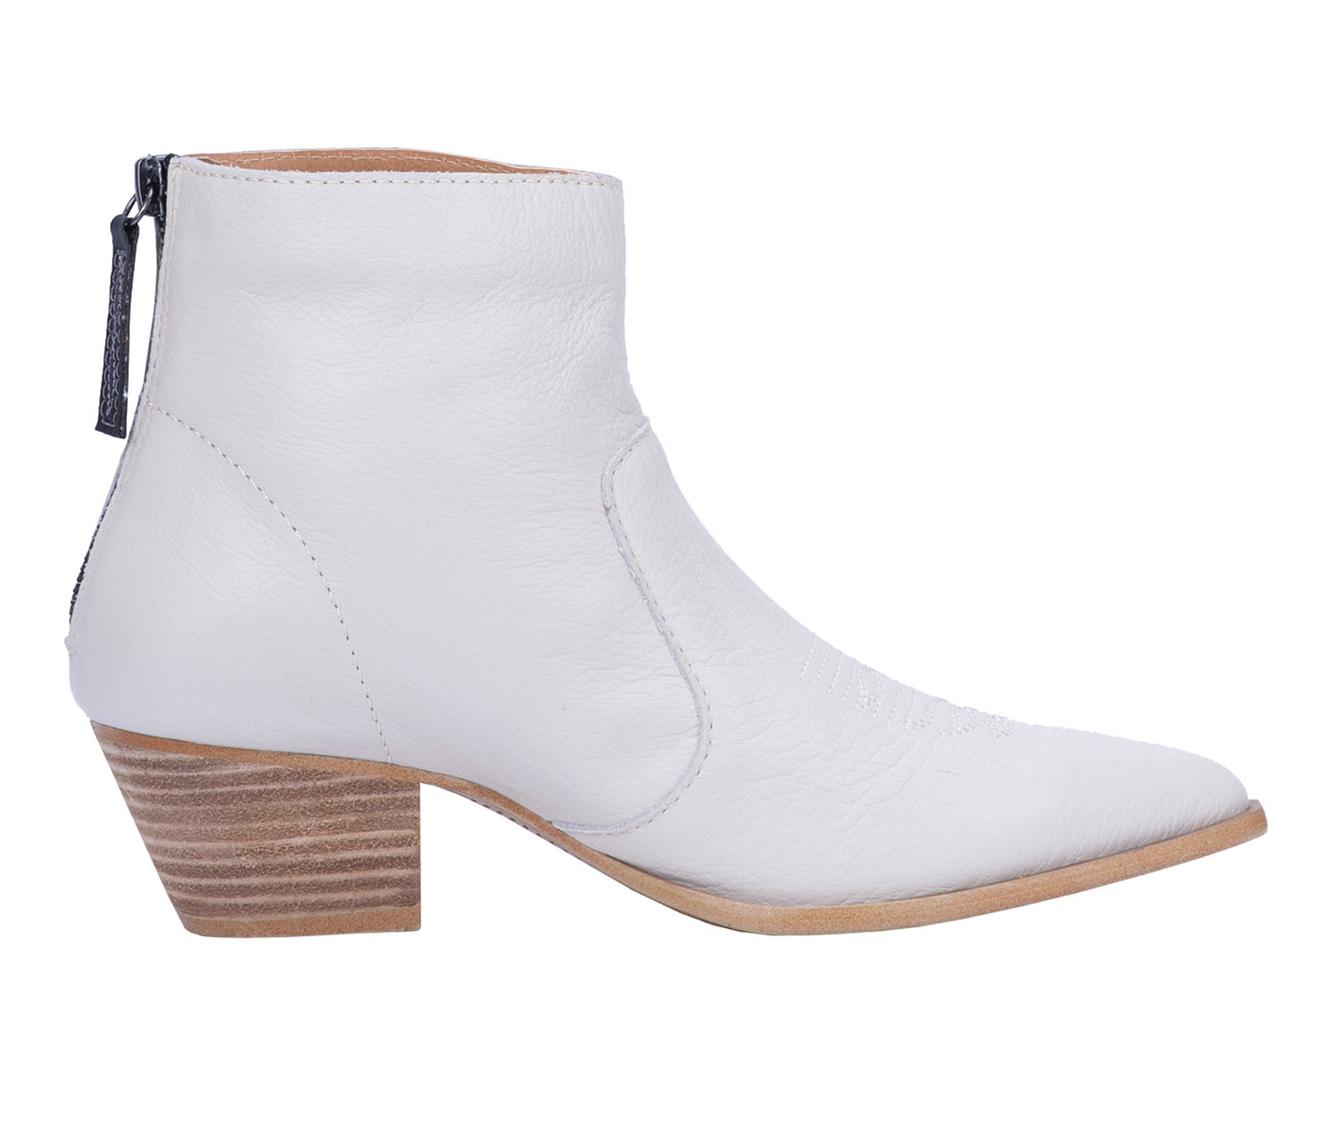 Dingo Boots Klanton Women's Boots (White - Leather)